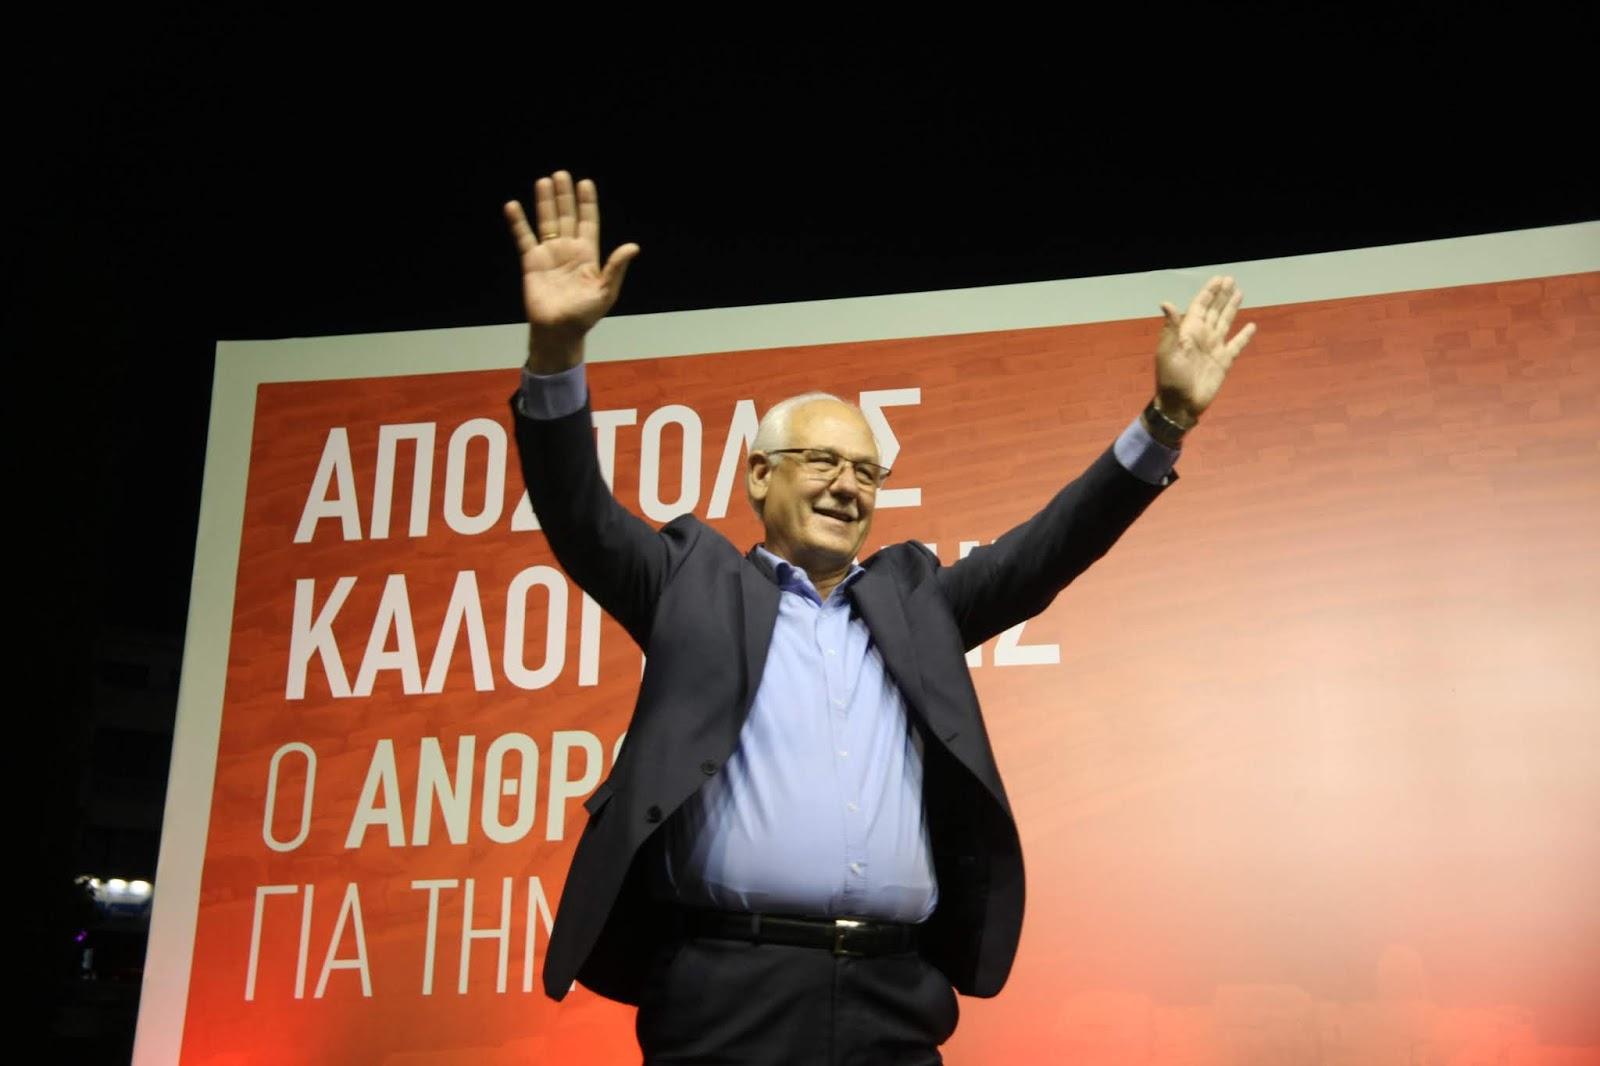 """Ο Απόστολος Καλογιάννης από την Κεντρική Πλατεία της Λάρισας: """"Mαζί καταφέραμε πολλά, μπορούμε πολύ περισσότερα..."""" (ΦΩΤΟ)"""